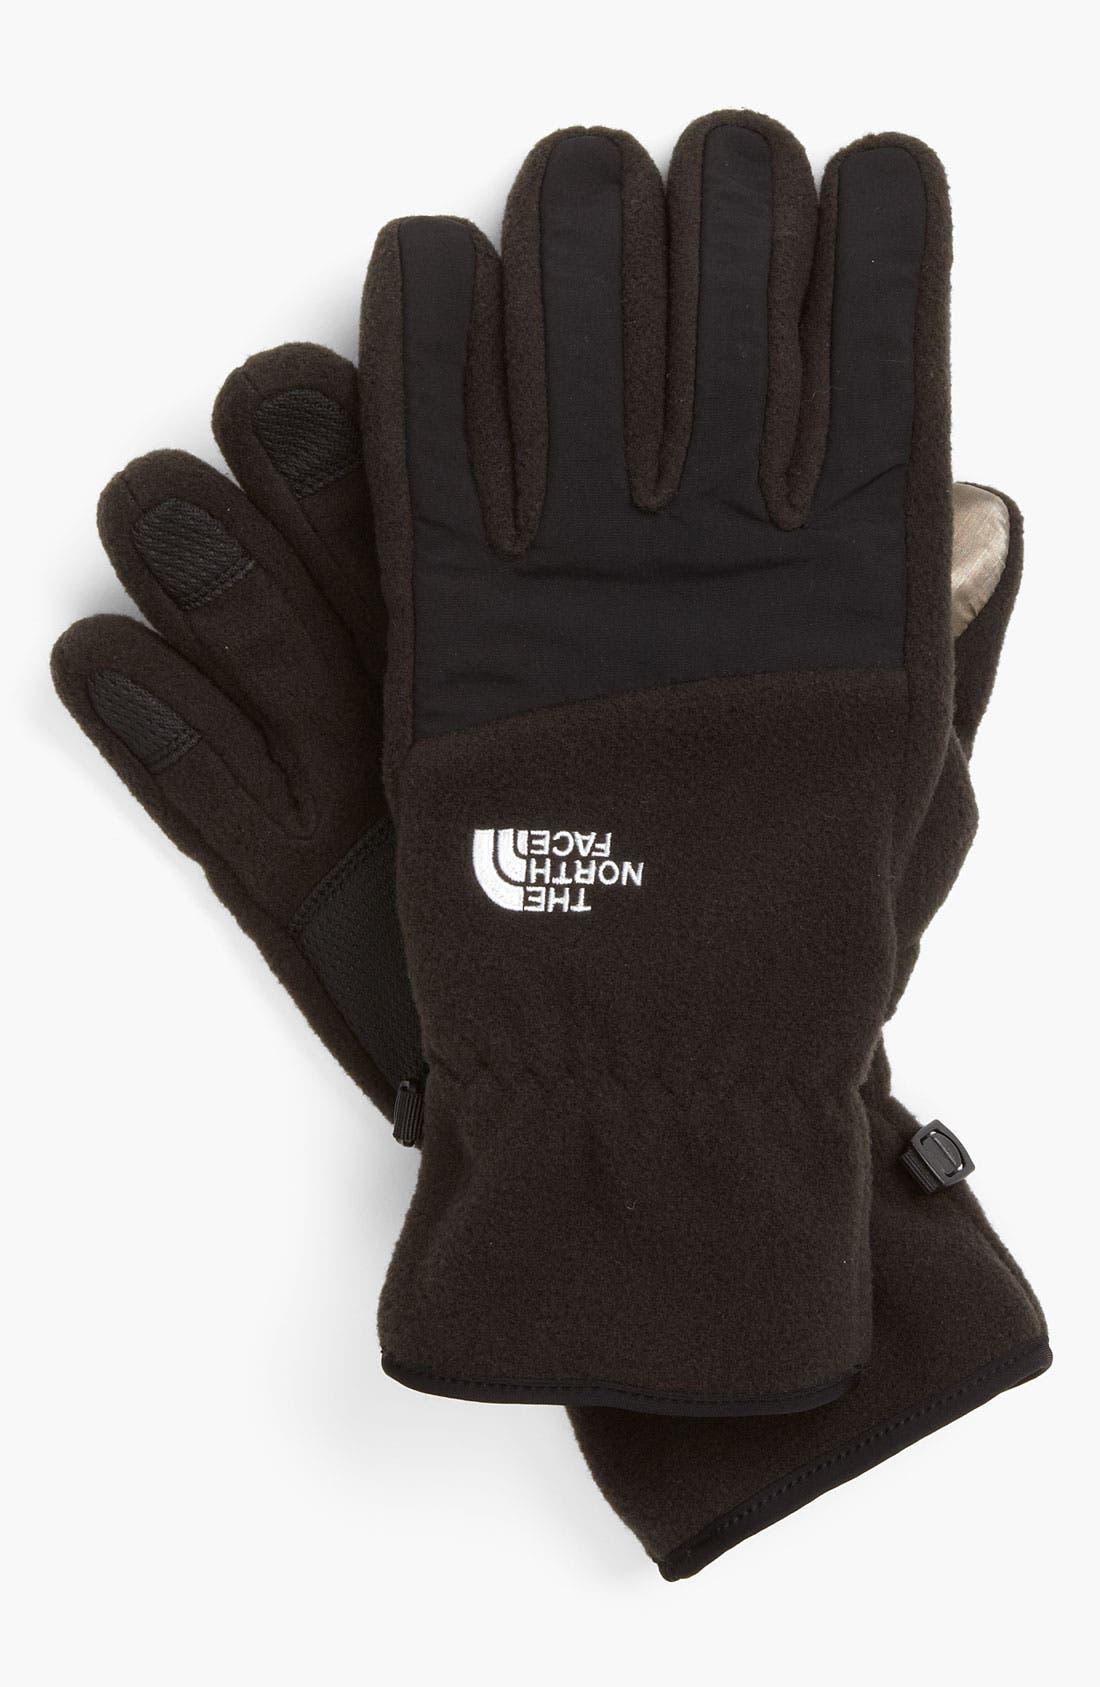 Alternate Image 1 Selected - The North Face 'E-Tip Denali' Fleece Gloves